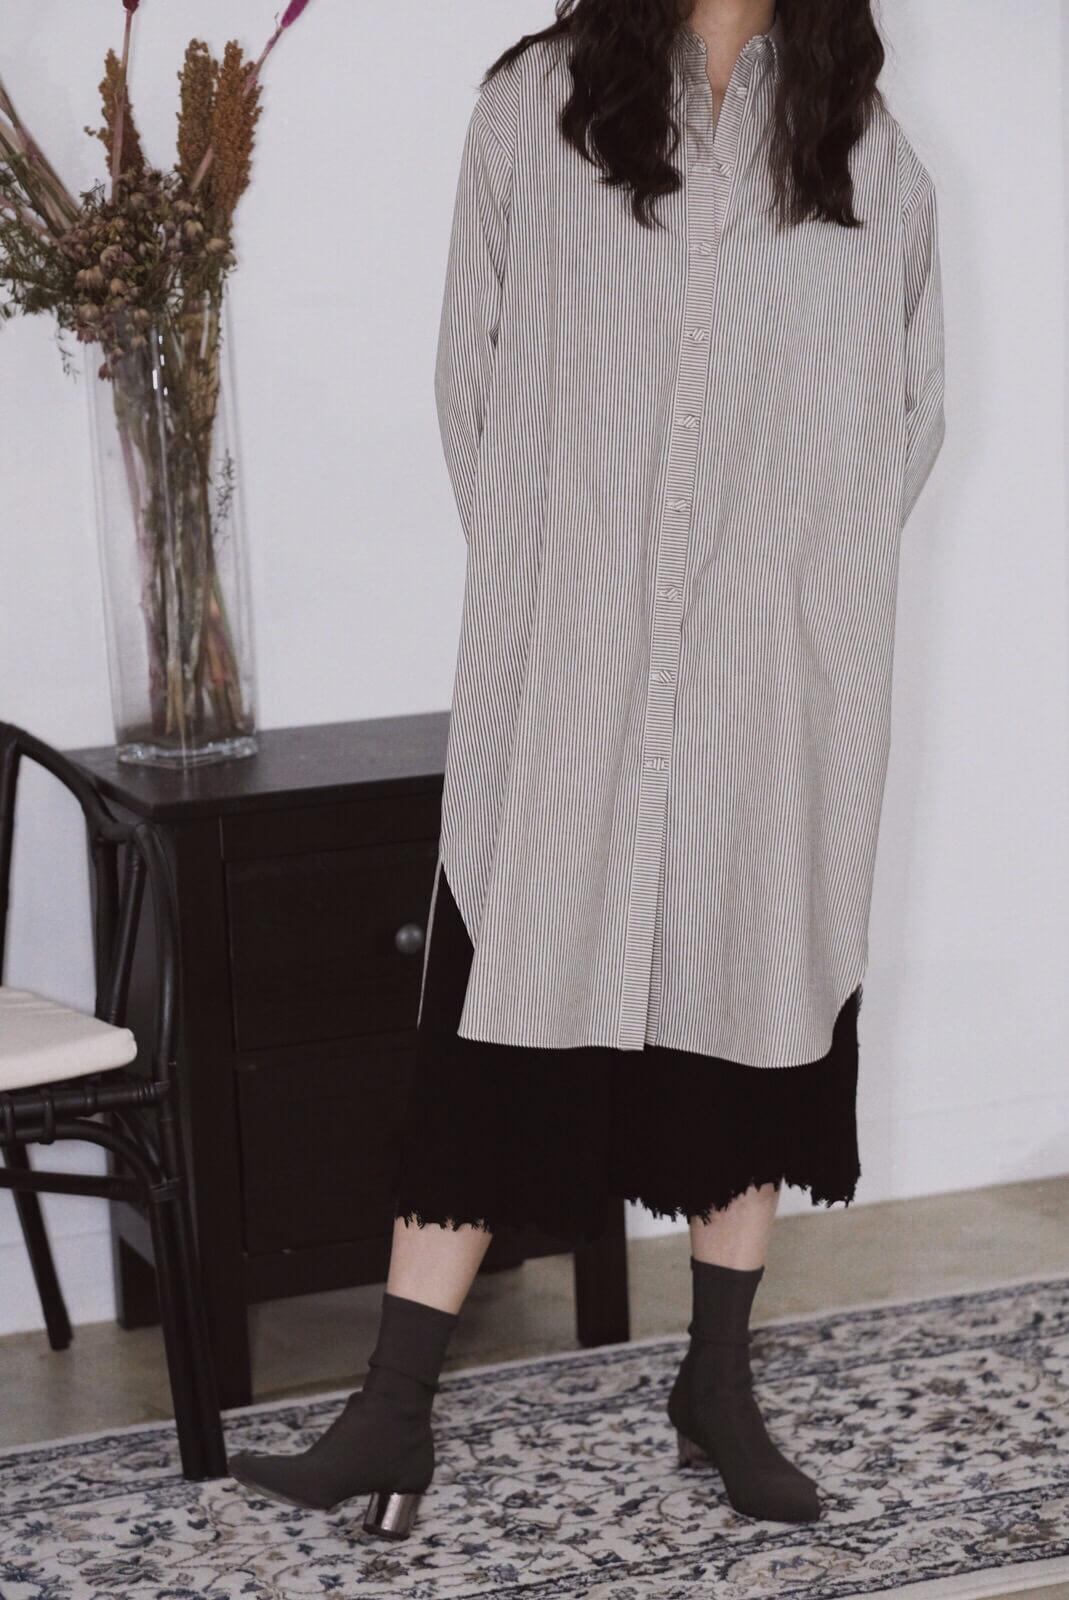 下襬破壞針織裙